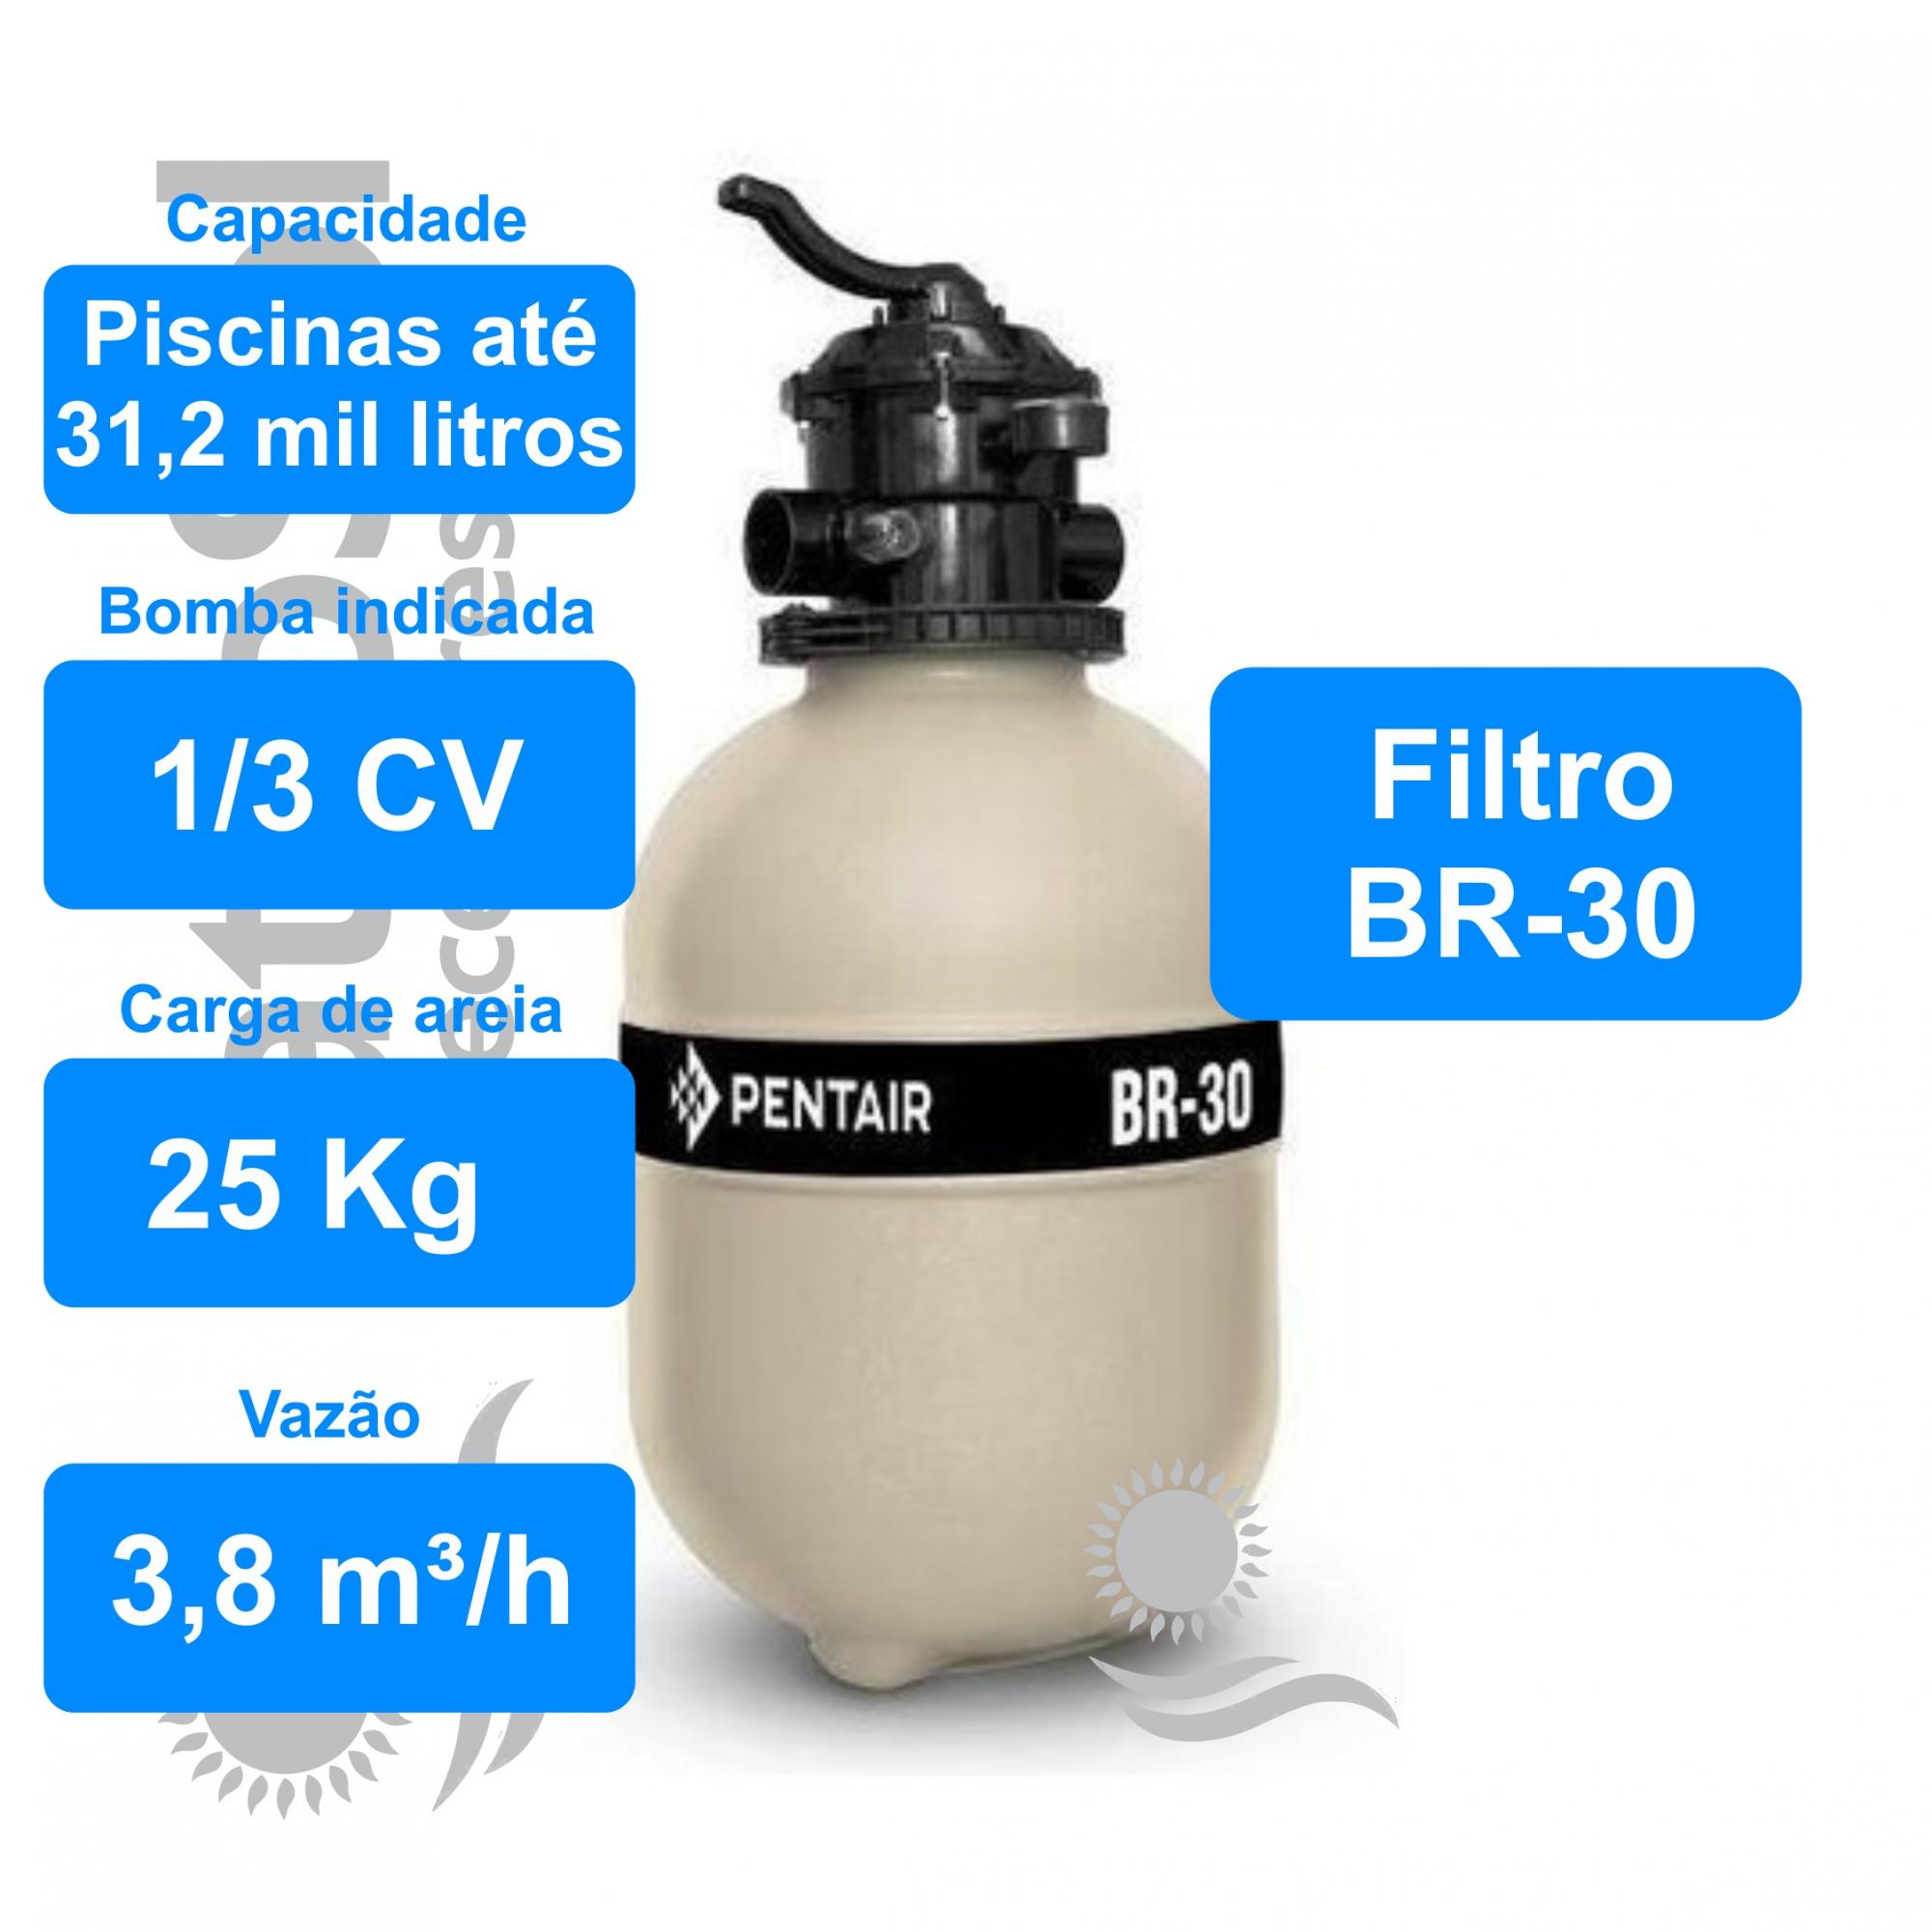 Filtro Para Piscina Pentair Sibrape Br-30  Até 31.200 Mil Litros